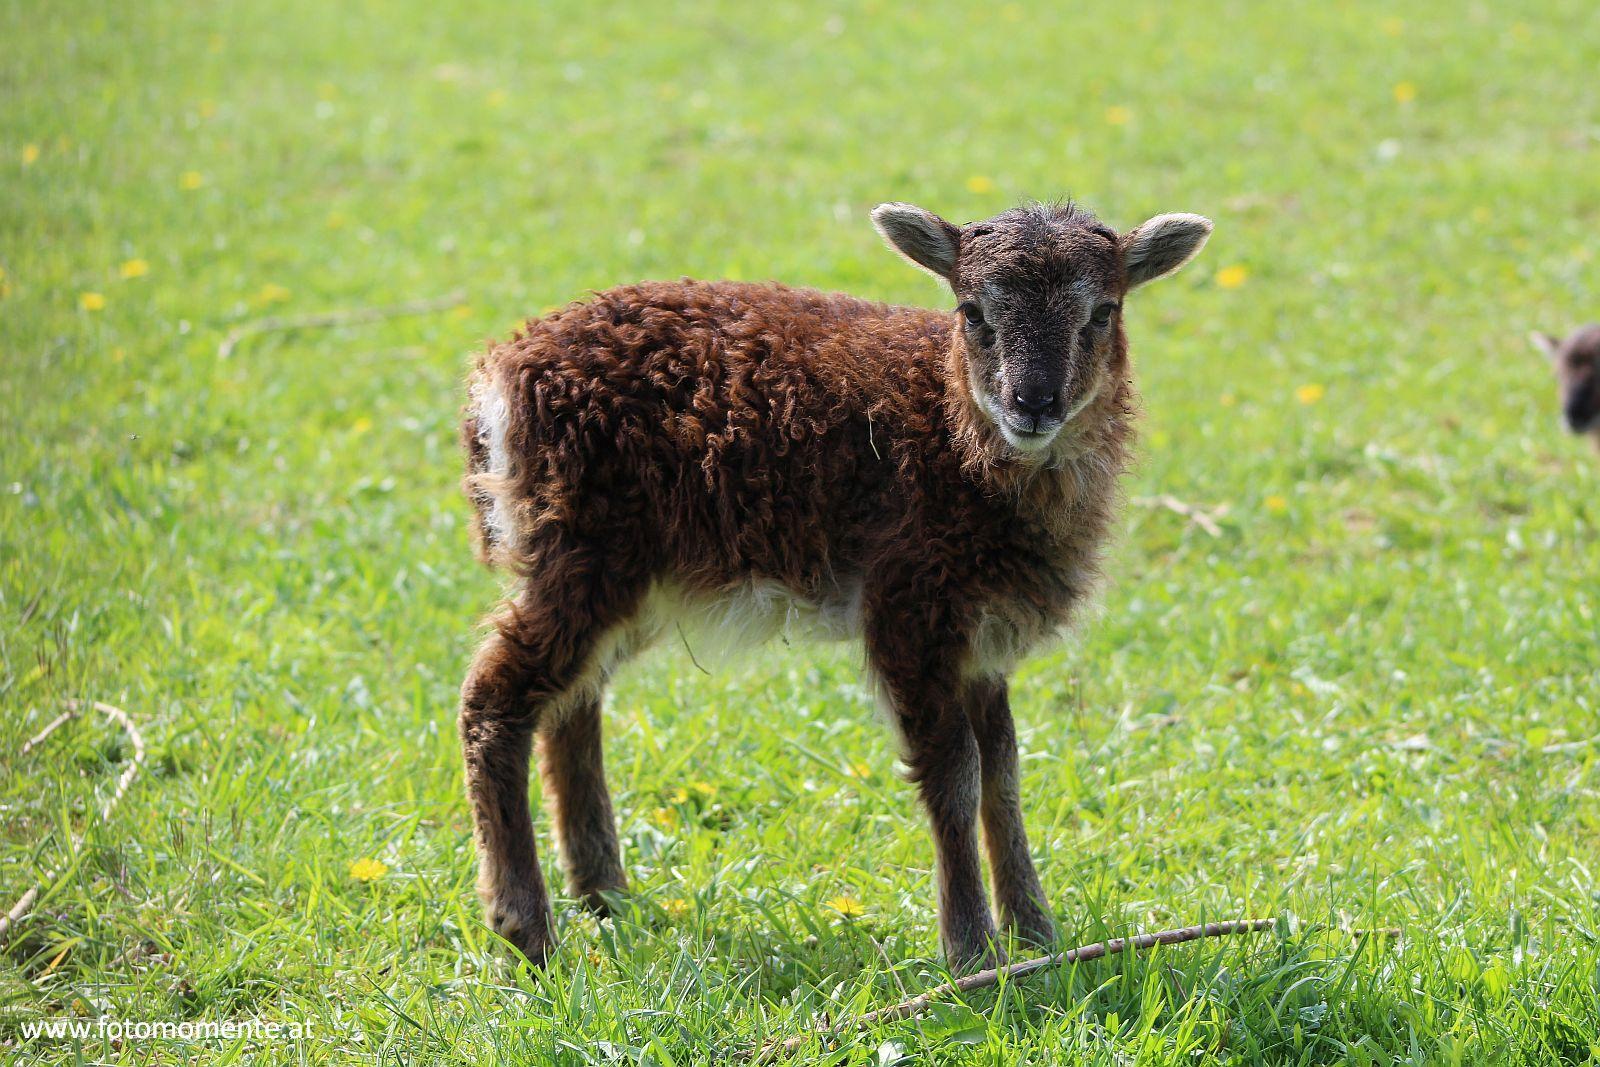 Braunes Lamm Jungschaf - Braunes Lamm, so süß und klein